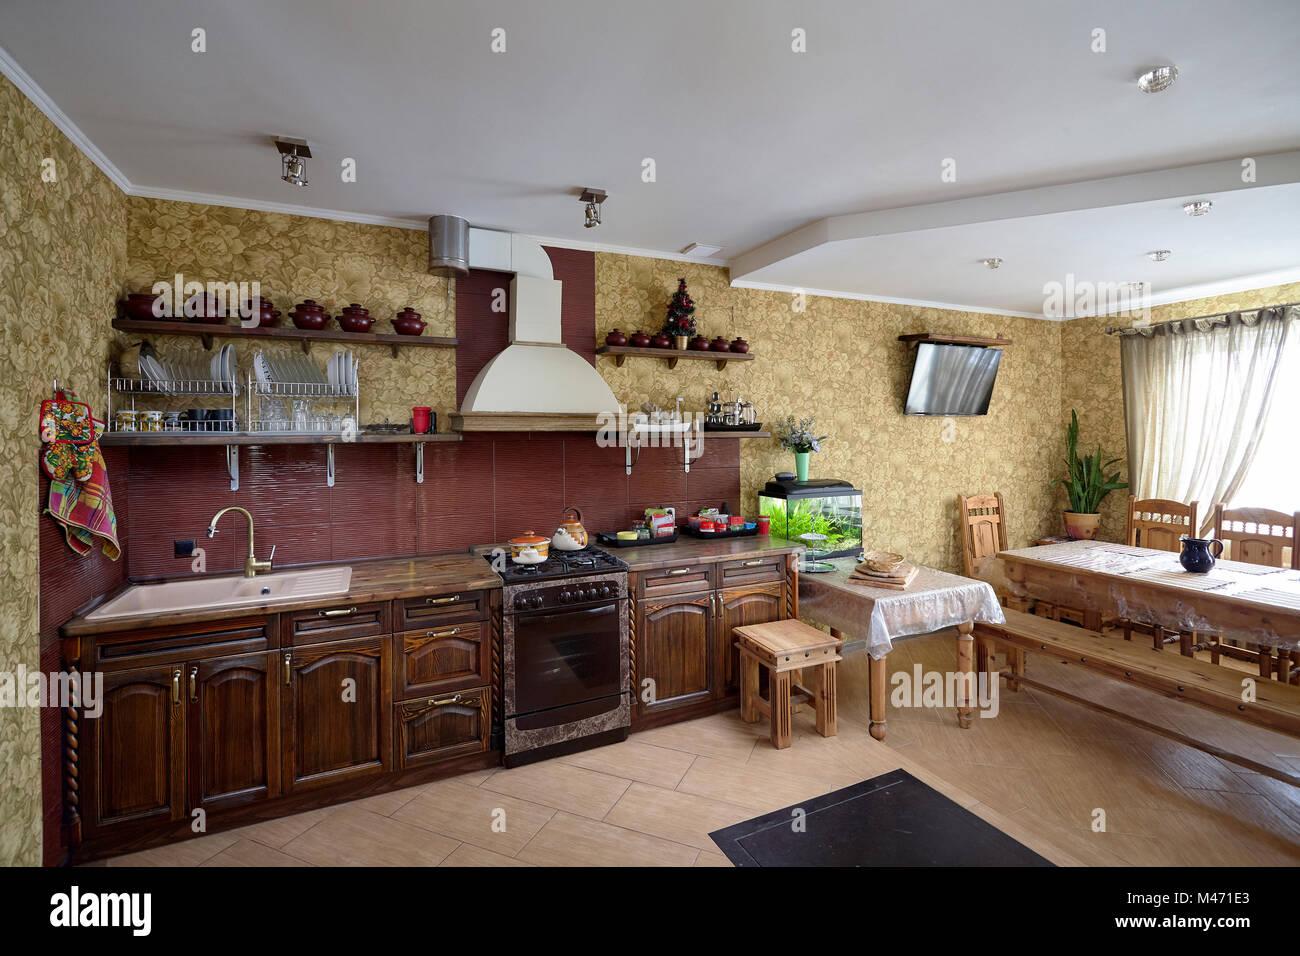 Elegant Wohnzimmer Und Kche Im Village Stil In Brauntnen With Wohnzimmer  Brauntne